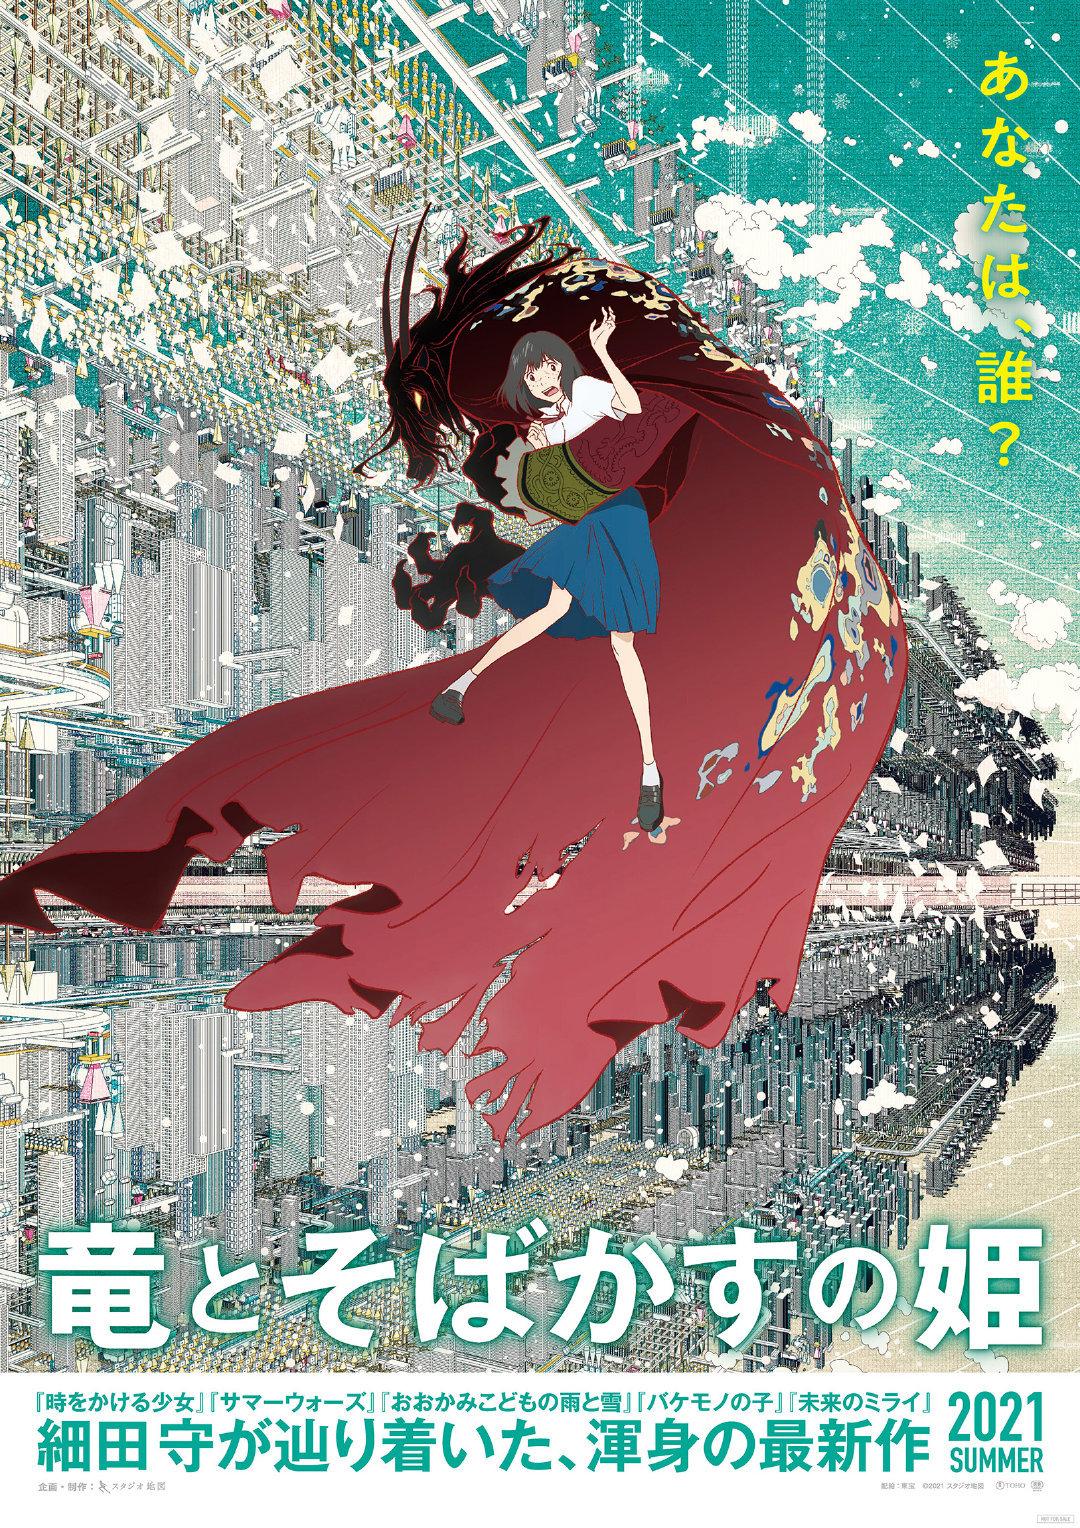 细田守监督新作剧场版《龙与雀斑公主》公开特报PV! 日本动画 ACG资讯